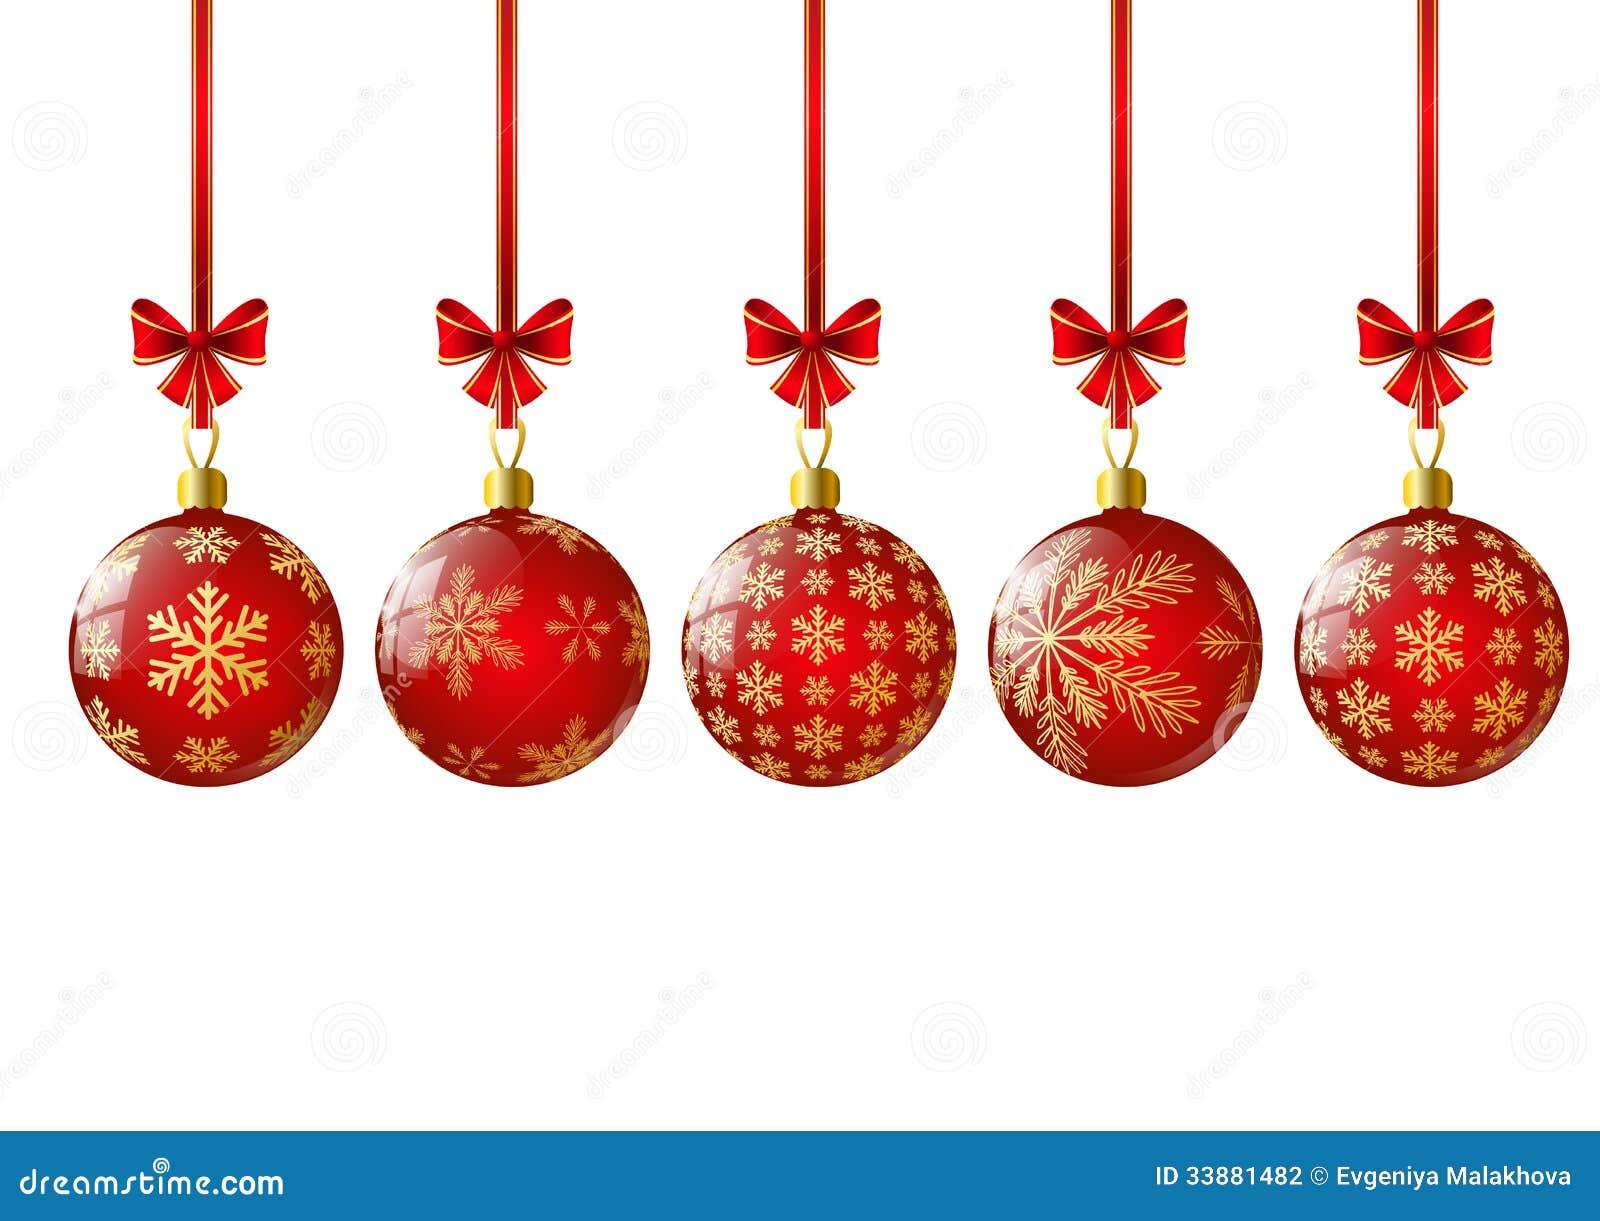 Bolas rojas de la navidad fotograf a de archivo imagen for Arbol de navidad con bolas rojas